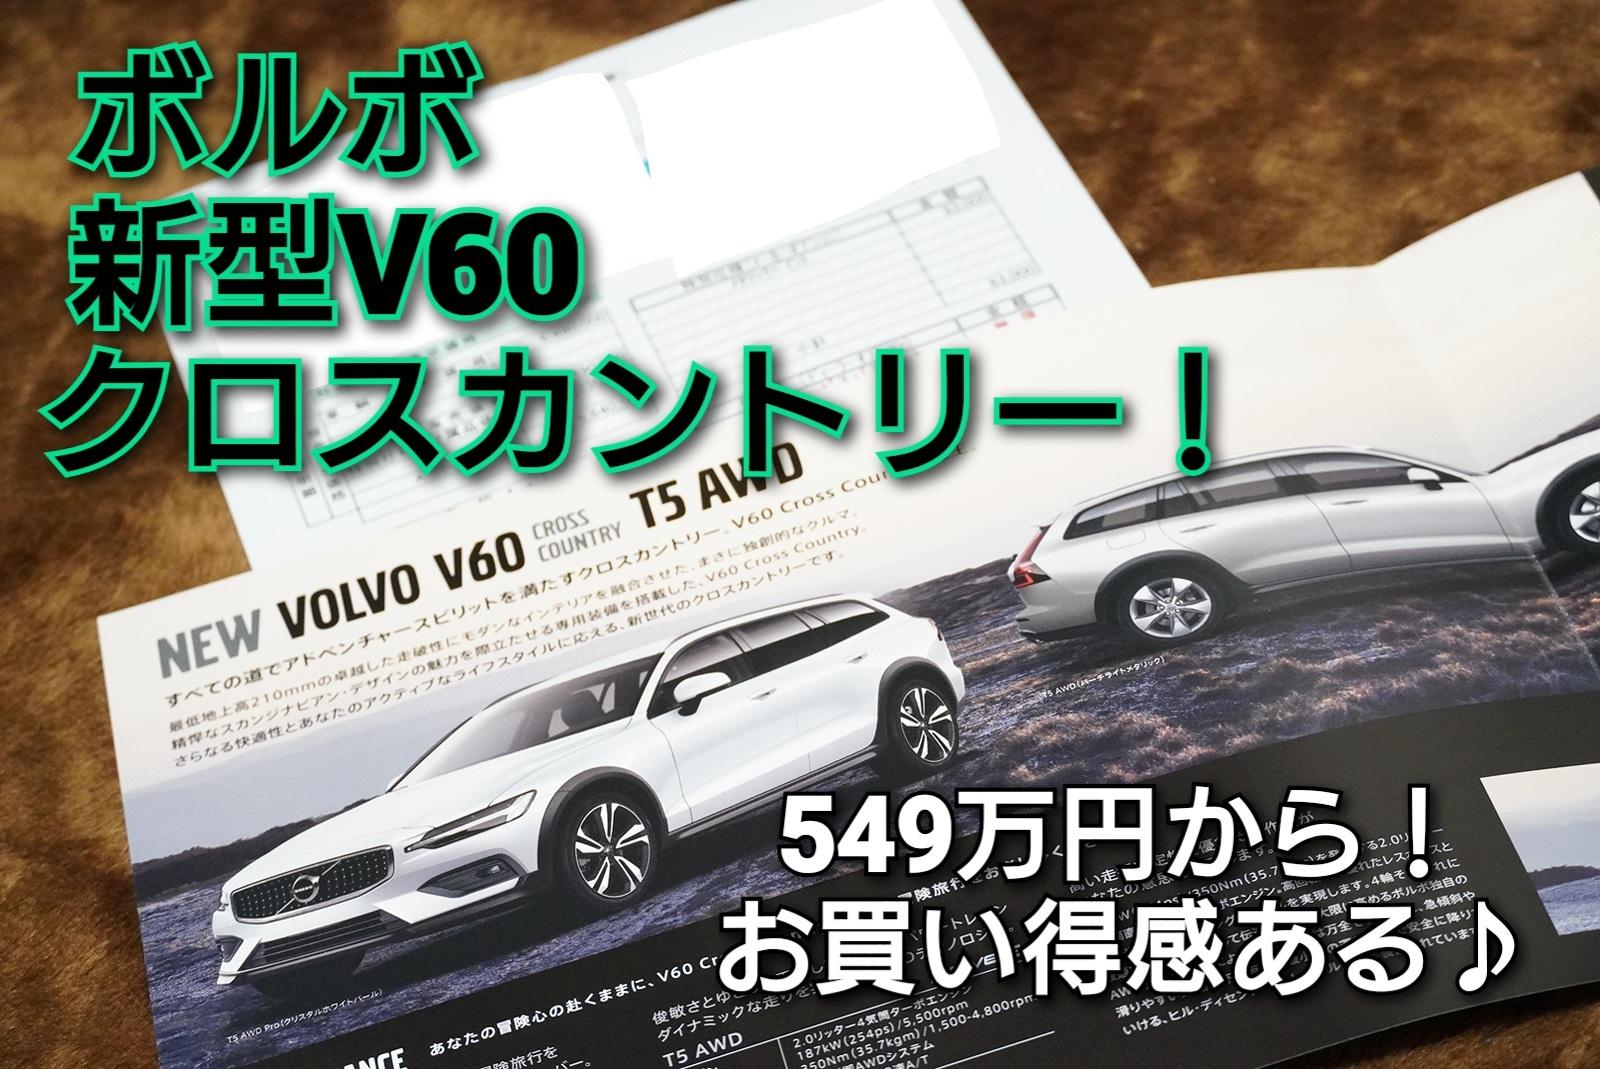 【選択肢としてはアリ!】見積もり編!ボルボ新型V60クロスカントリーインプレッション!①